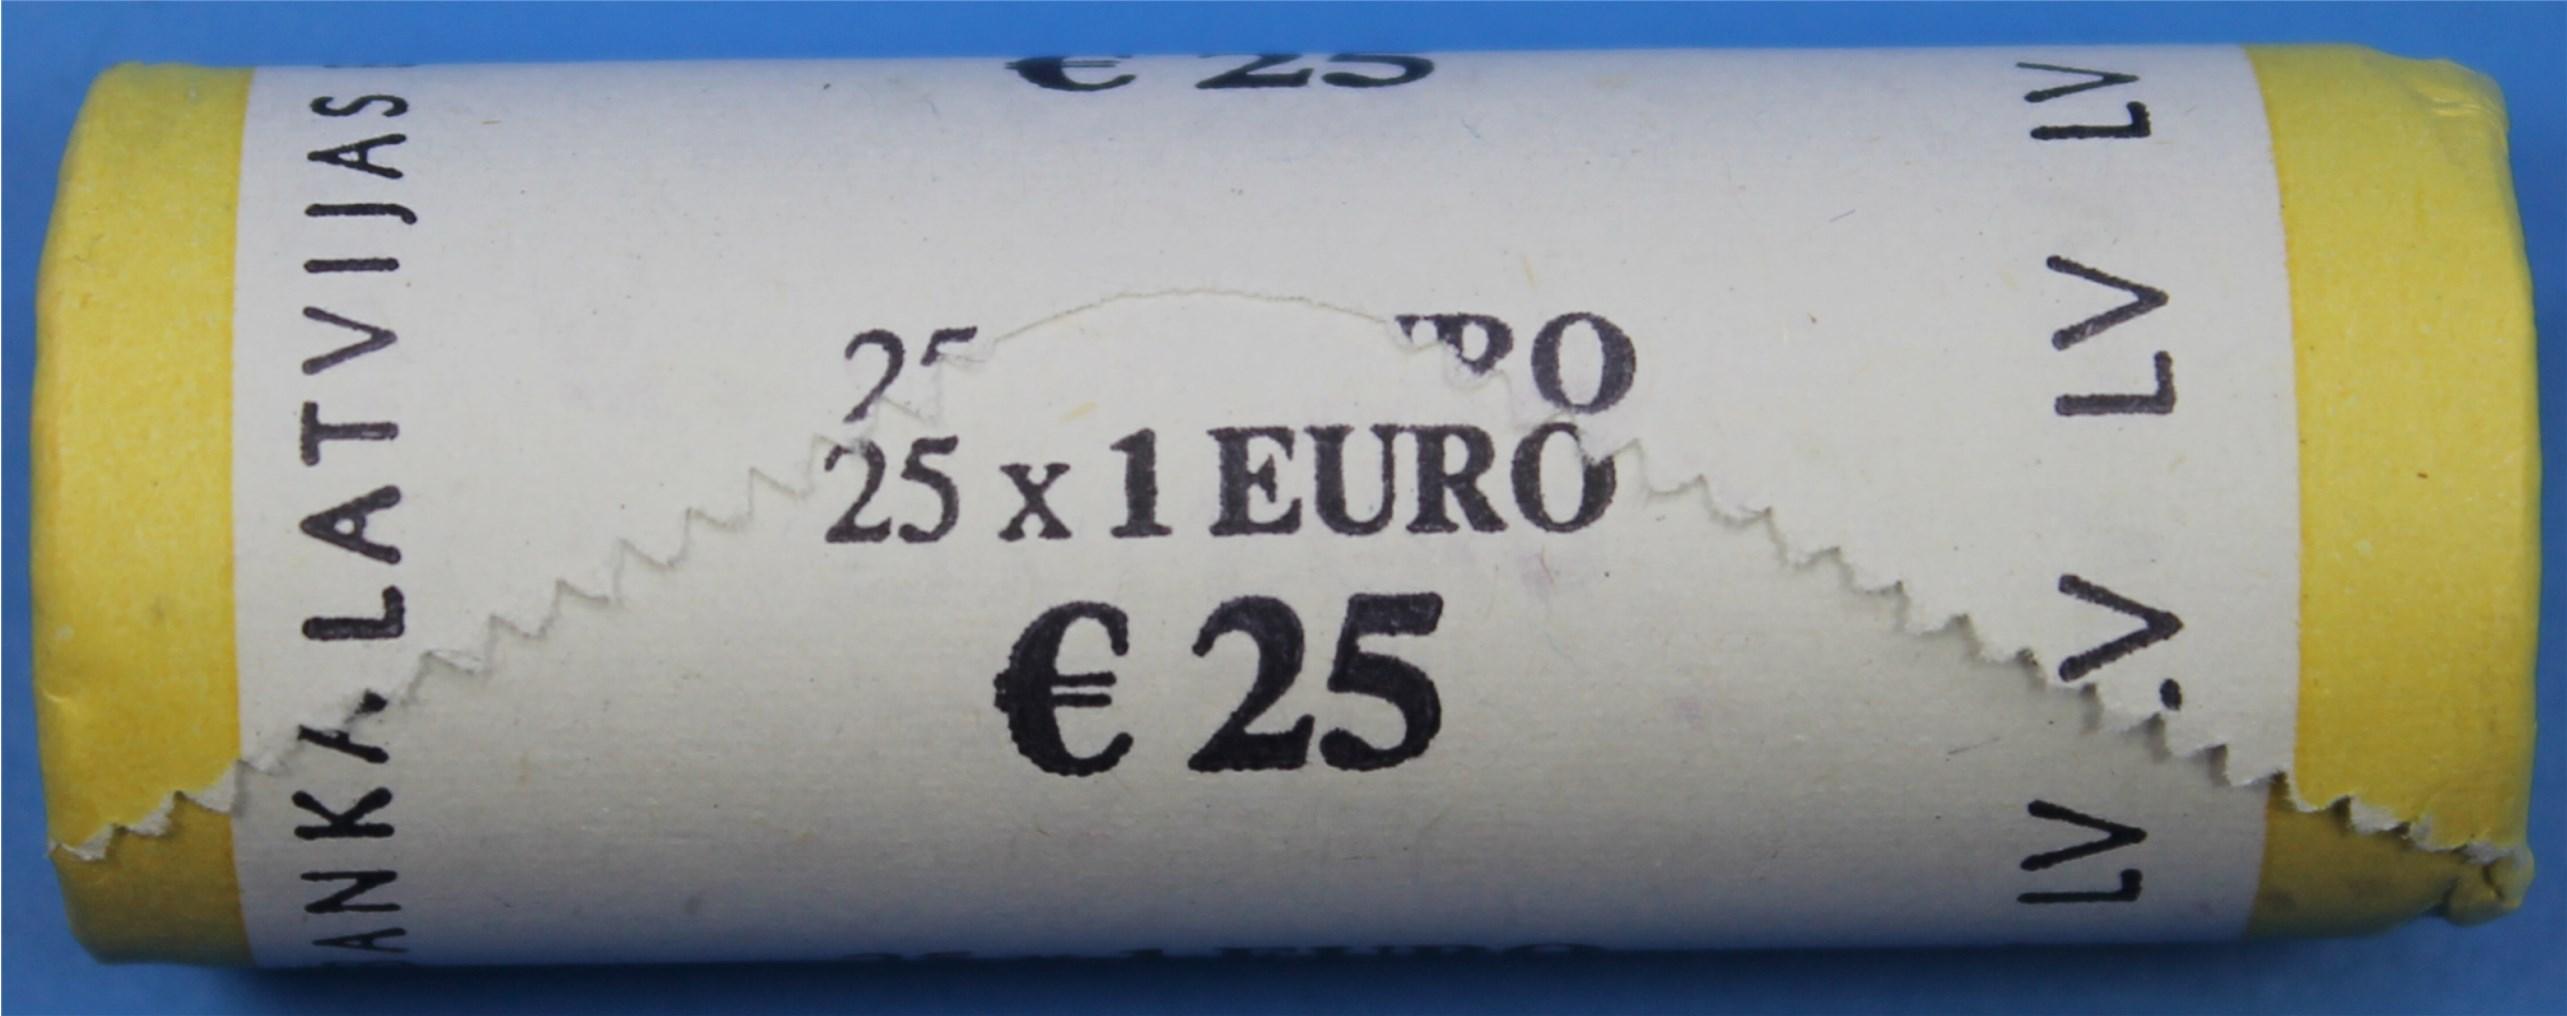 1 euro rolle lettland 2014 graf in unserem euro m nzen katalog finden sie. Black Bedroom Furniture Sets. Home Design Ideas